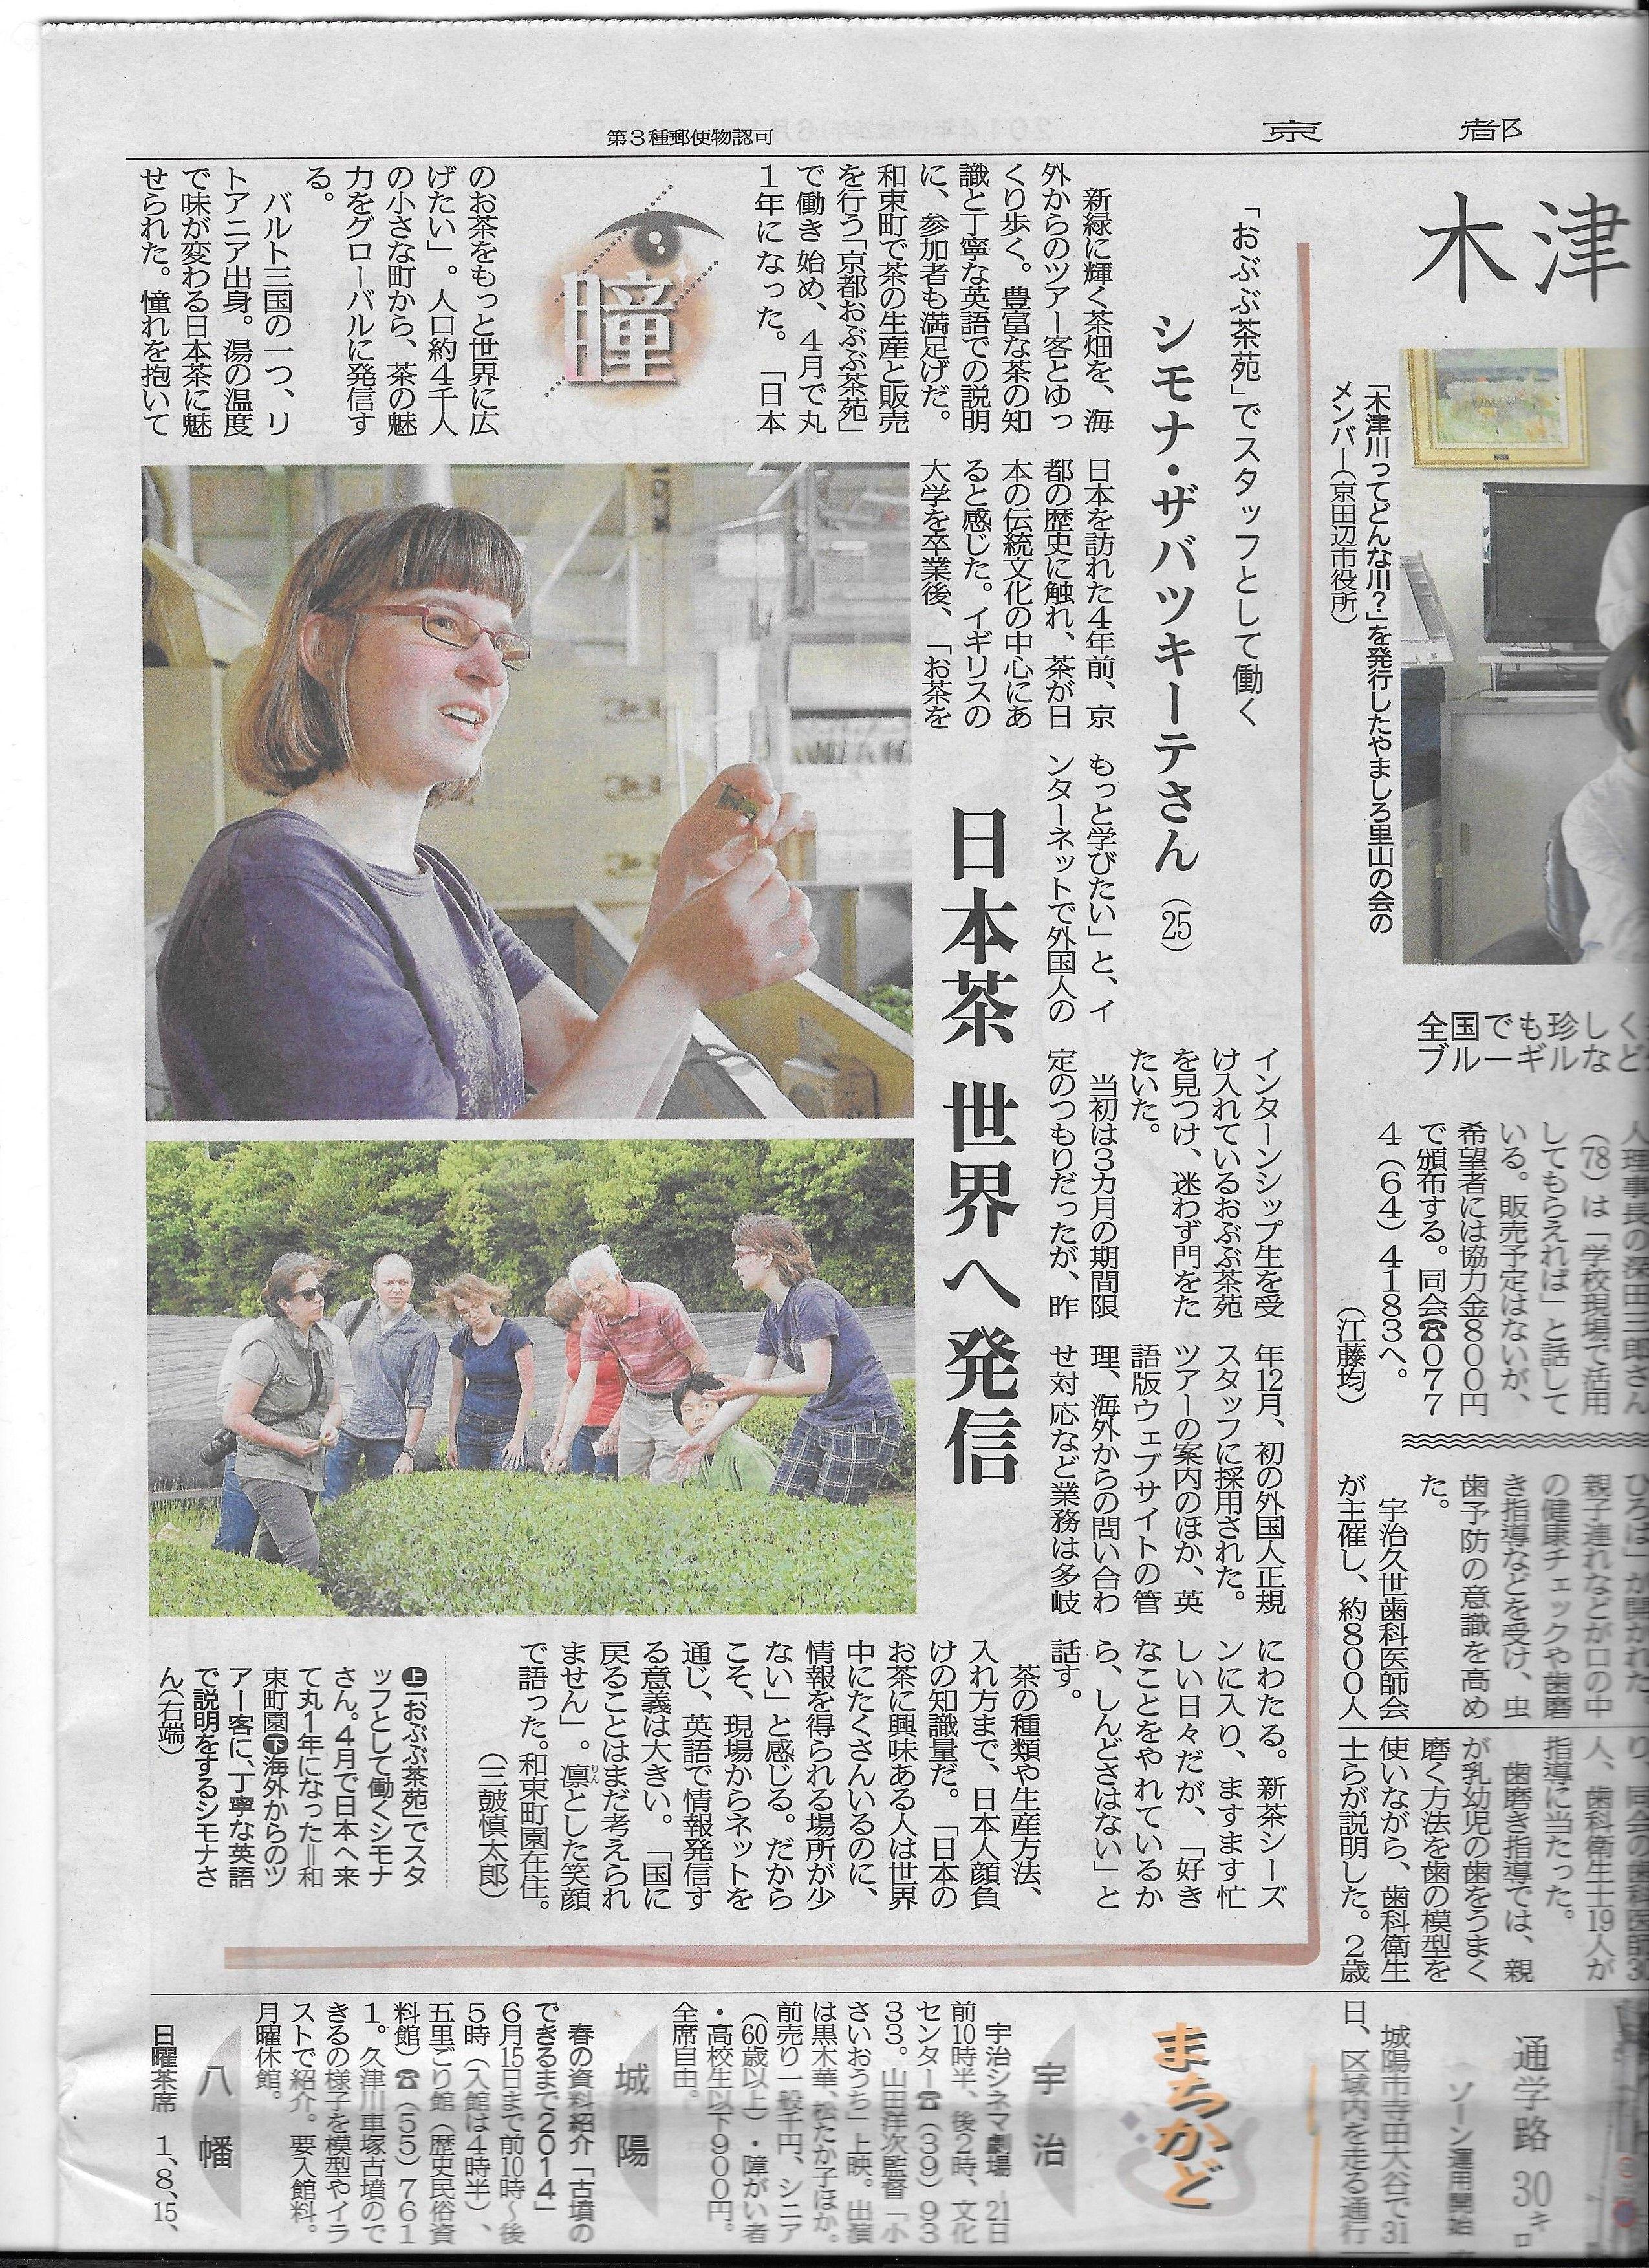 【掲載御礼】京都新聞「日本茶 世界へ発信!!」